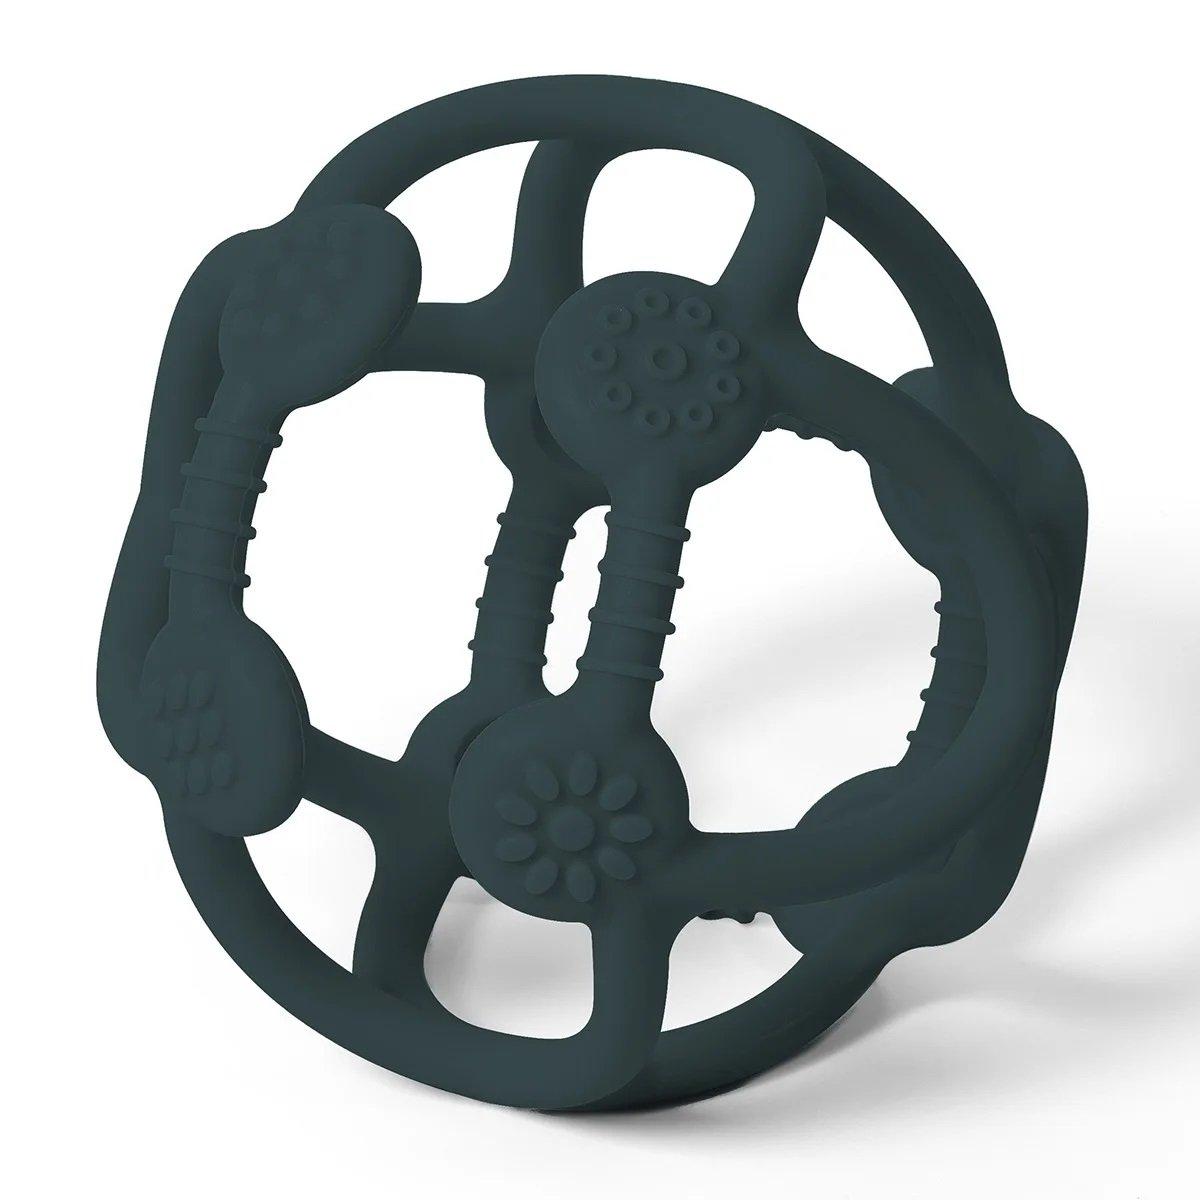 Kousátko silikonové koule ORTHO - zvìtšit obrázek